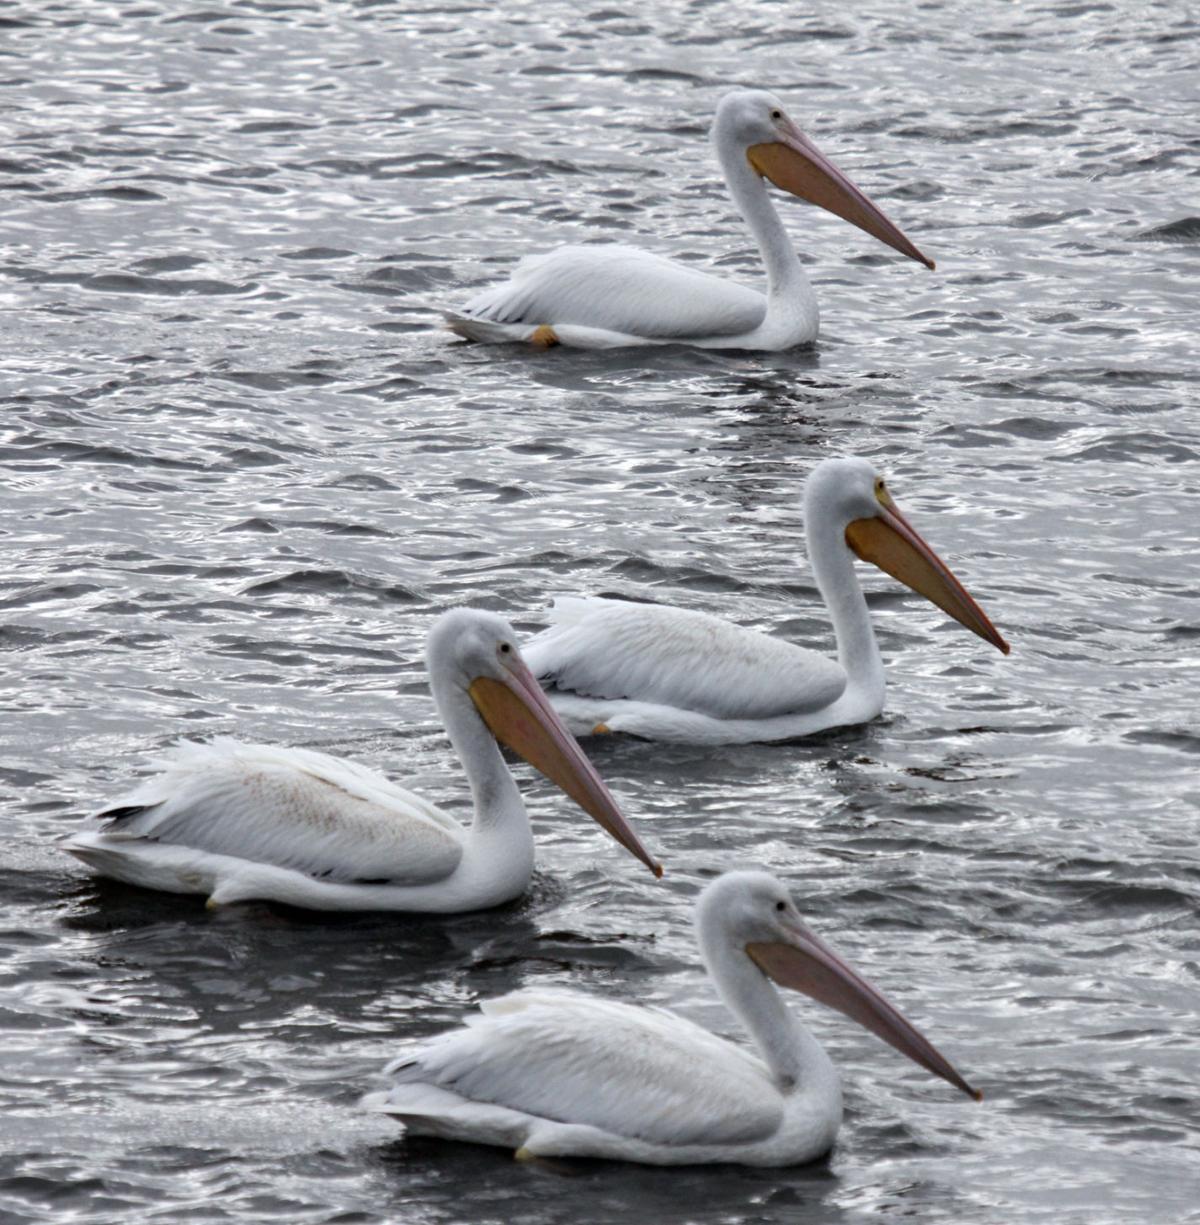 110217-spt-otd-pelicans-3.jpg